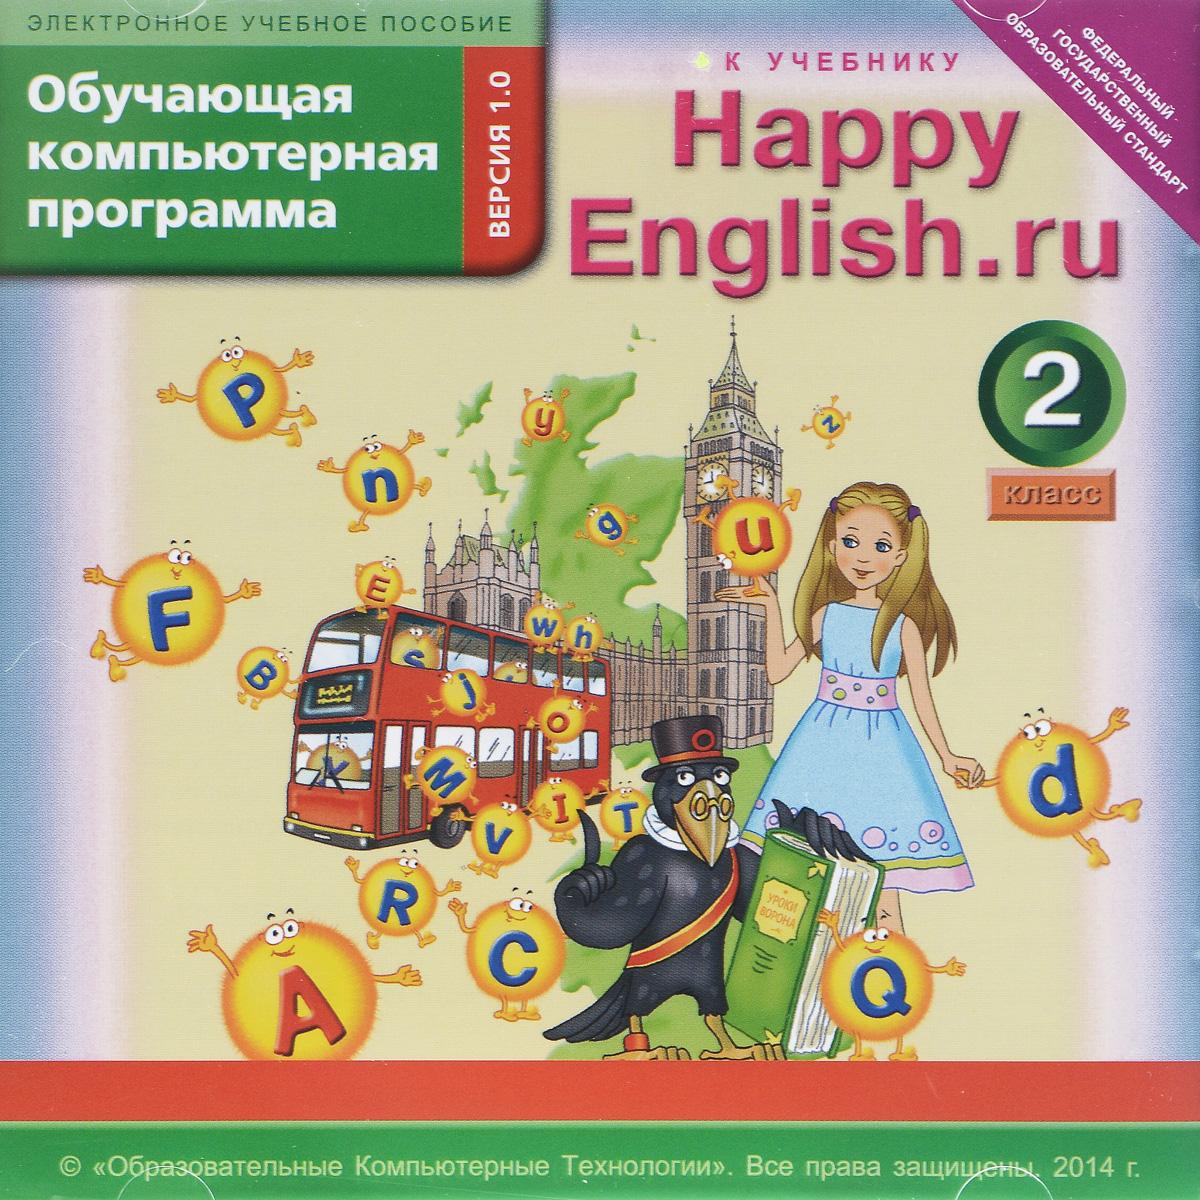 Happy English.ru 2 / Счастливый английский.ру. 2 класс. Обучающая компьютерная программа